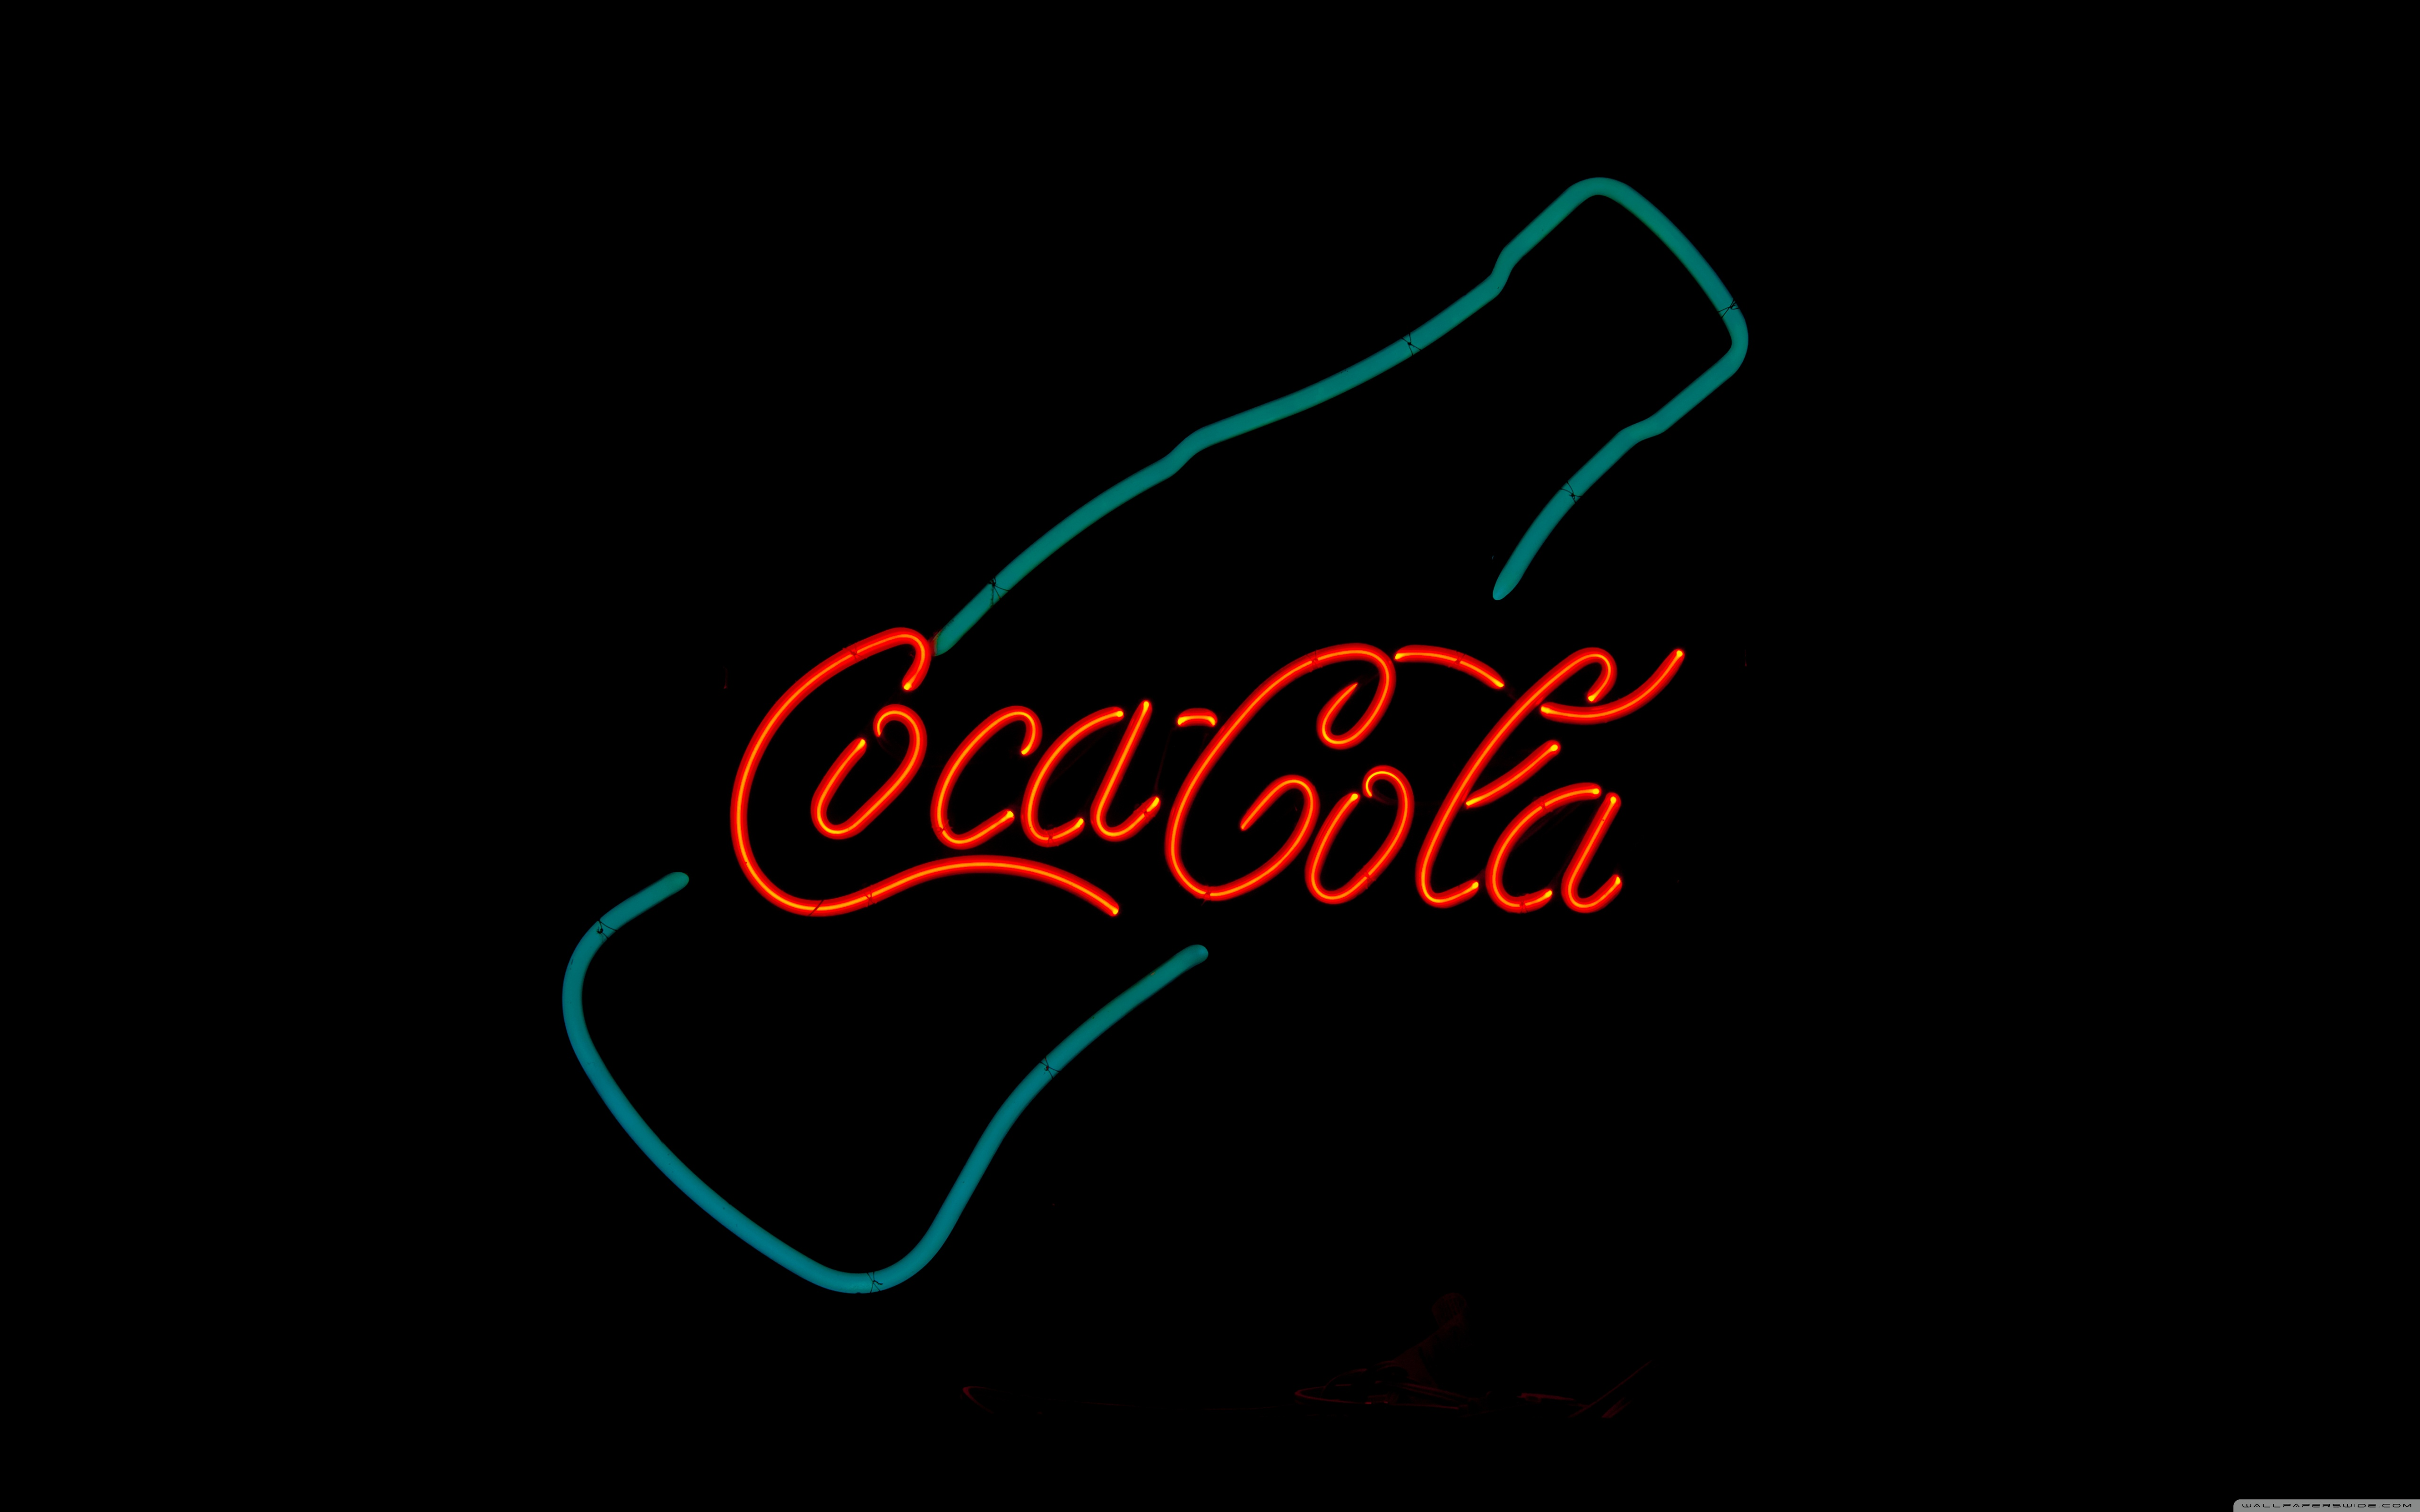 Texas Coca Cola-wallpaper-5120x3200 Wallpaper